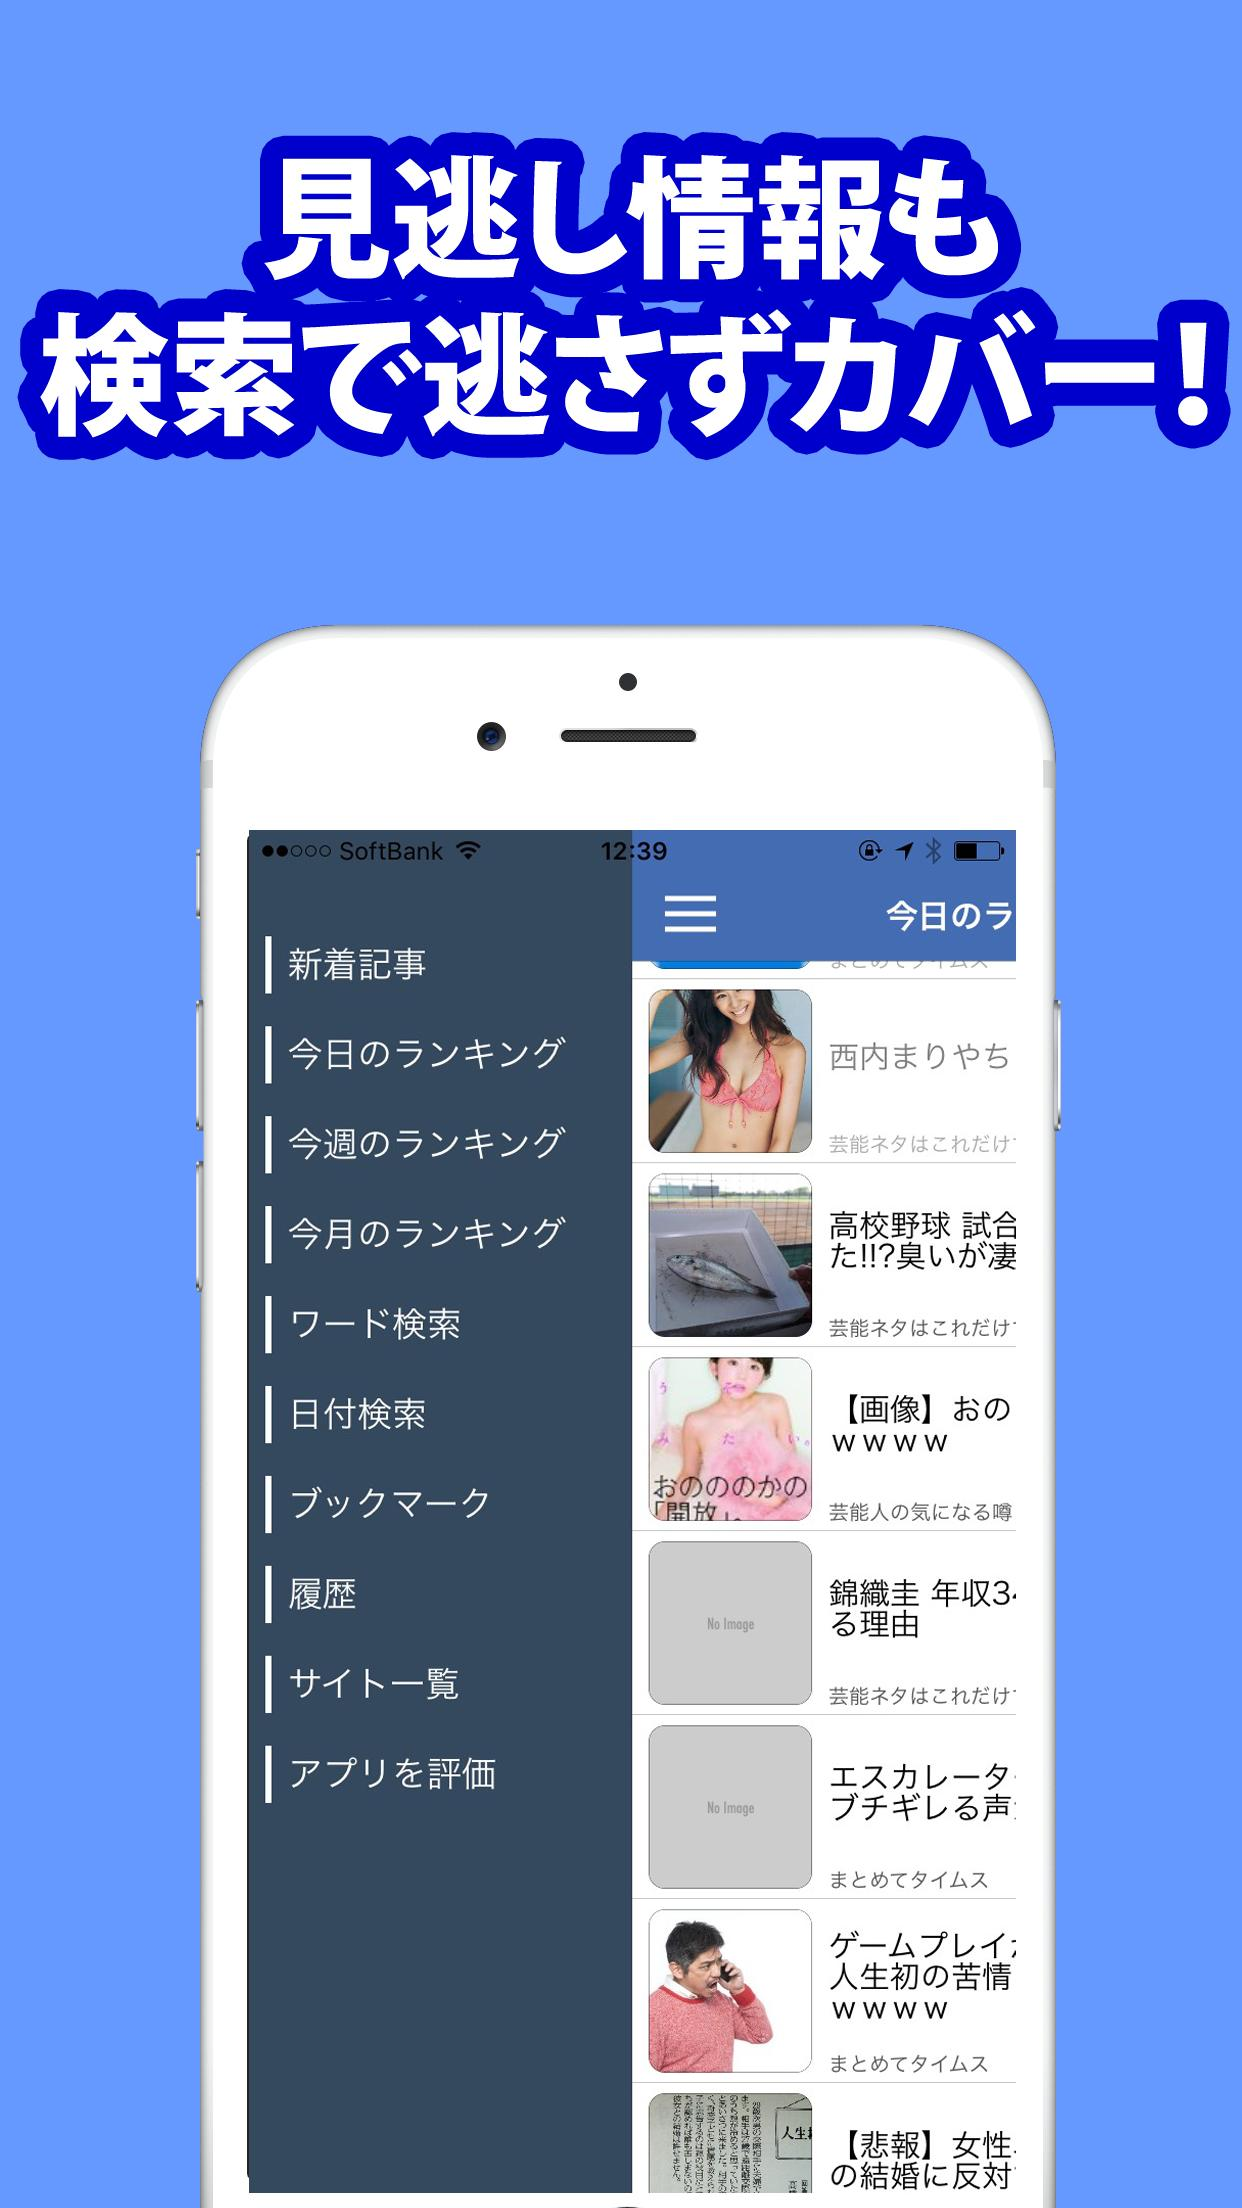 芸能 ニュース 2 ちゃん